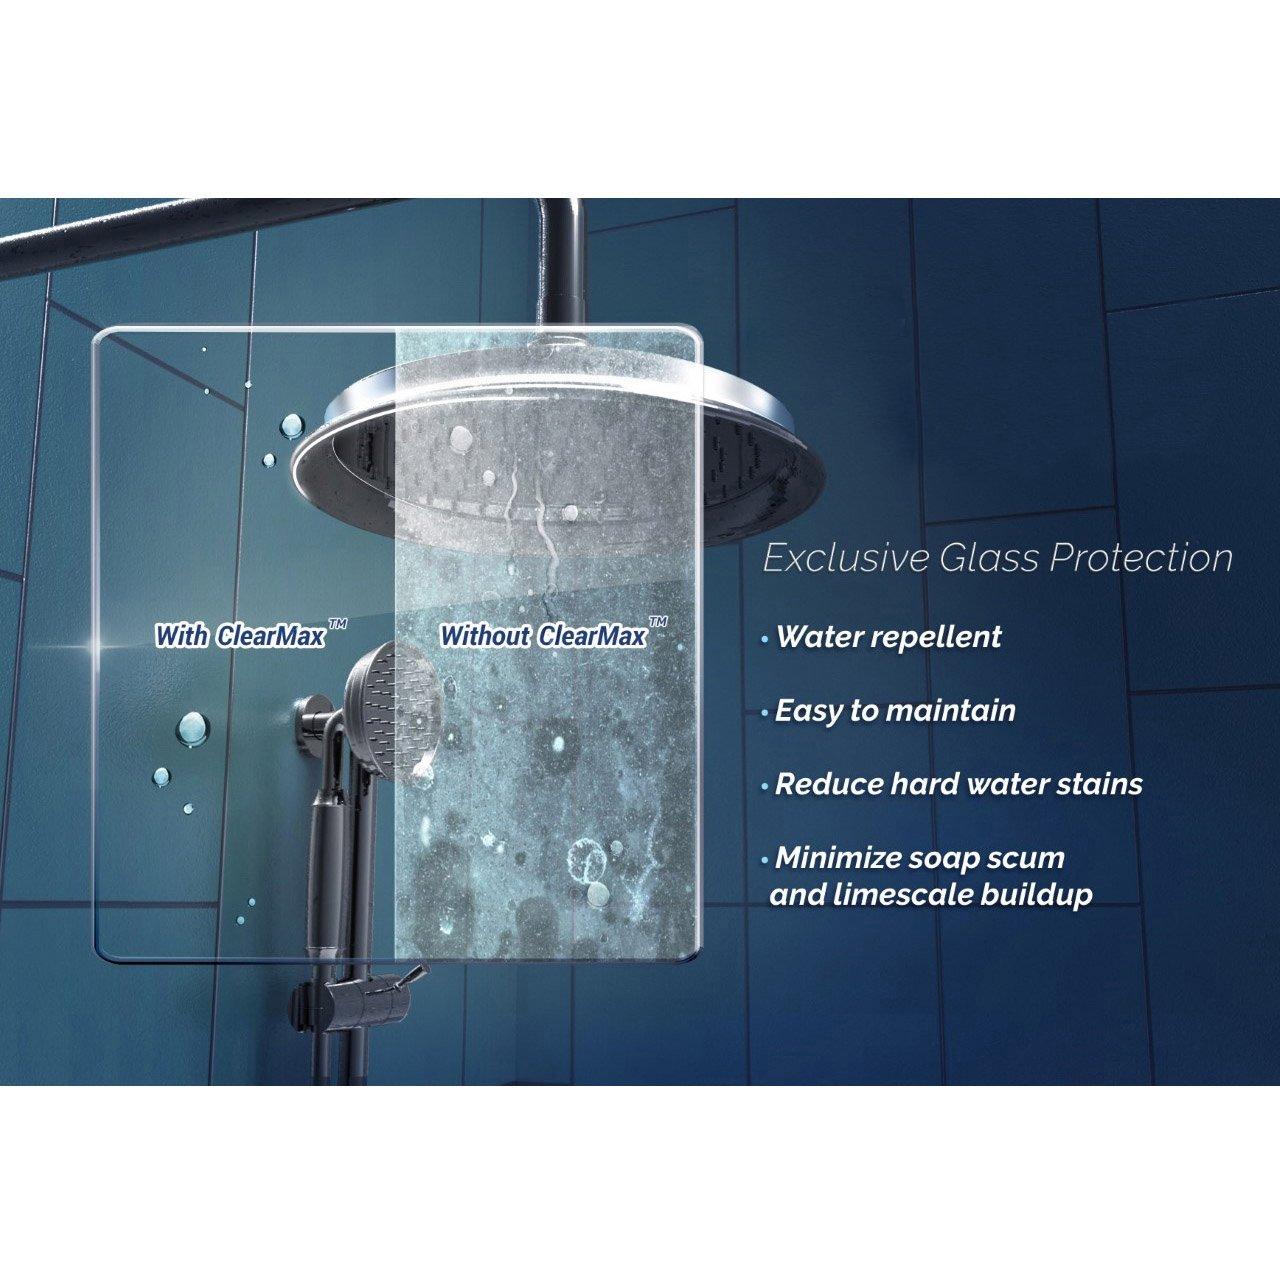 DreamLine Elegance 34-36 in. W x 72 in. H Frameless Pivot Shower ...